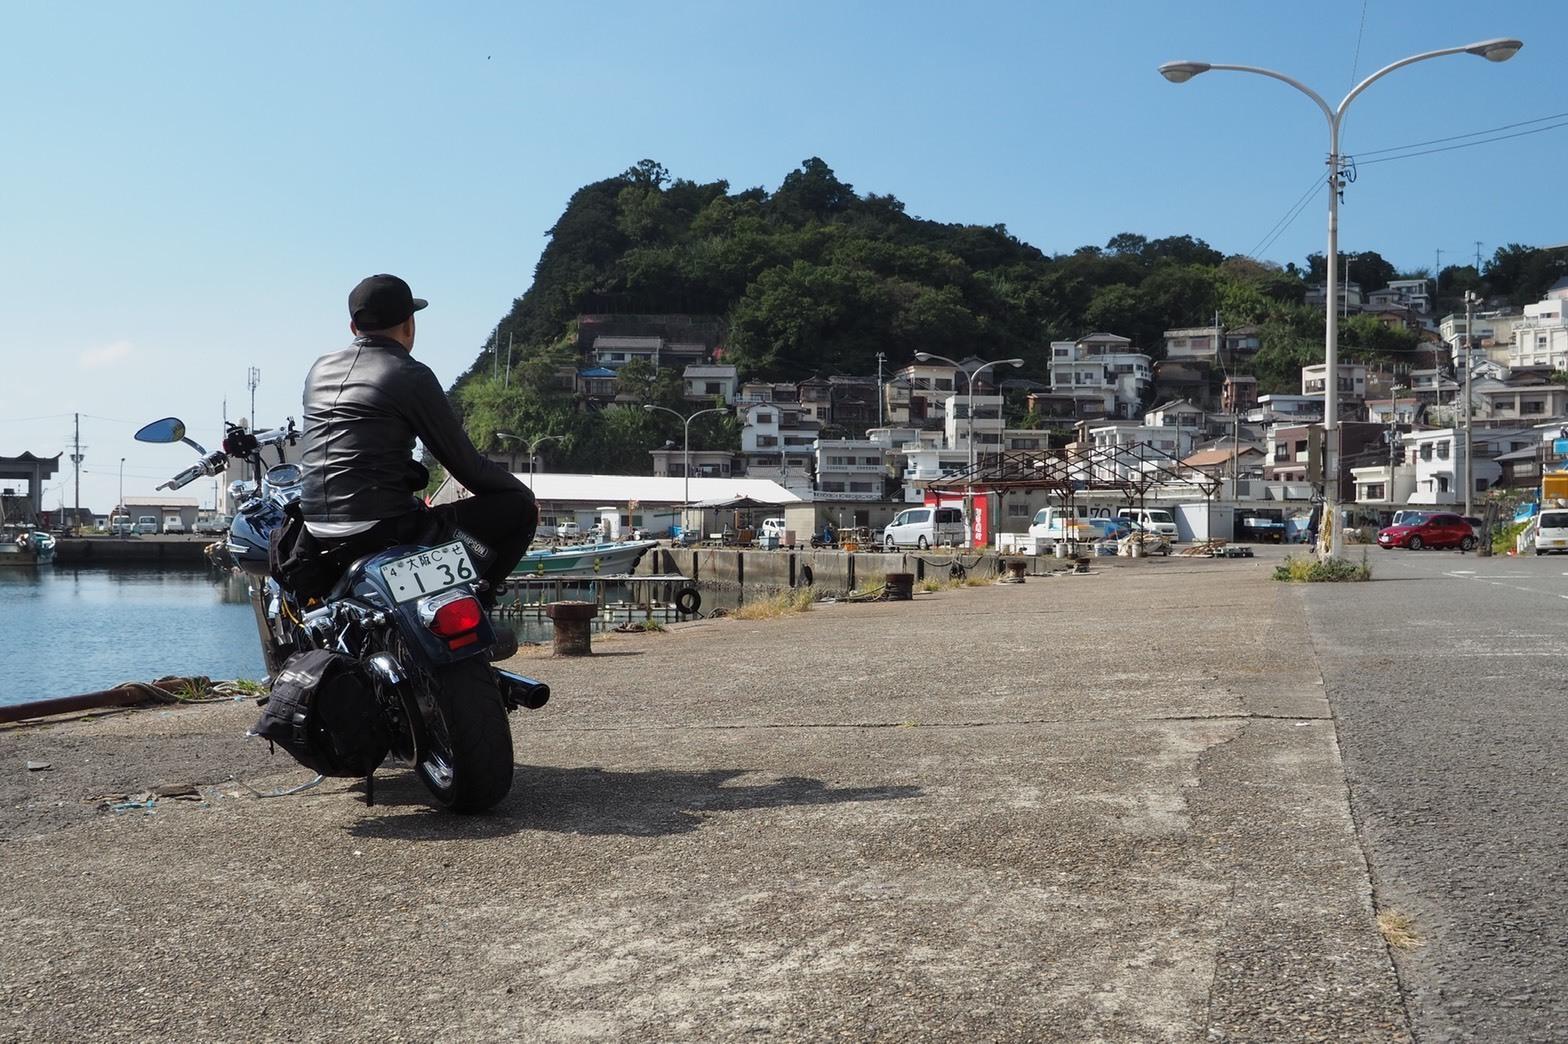 ぴーきちハーレーブログ 和歌の浦ツーリング 雑賀崎 日本のアマルフィ 和歌山 平日にのんびり